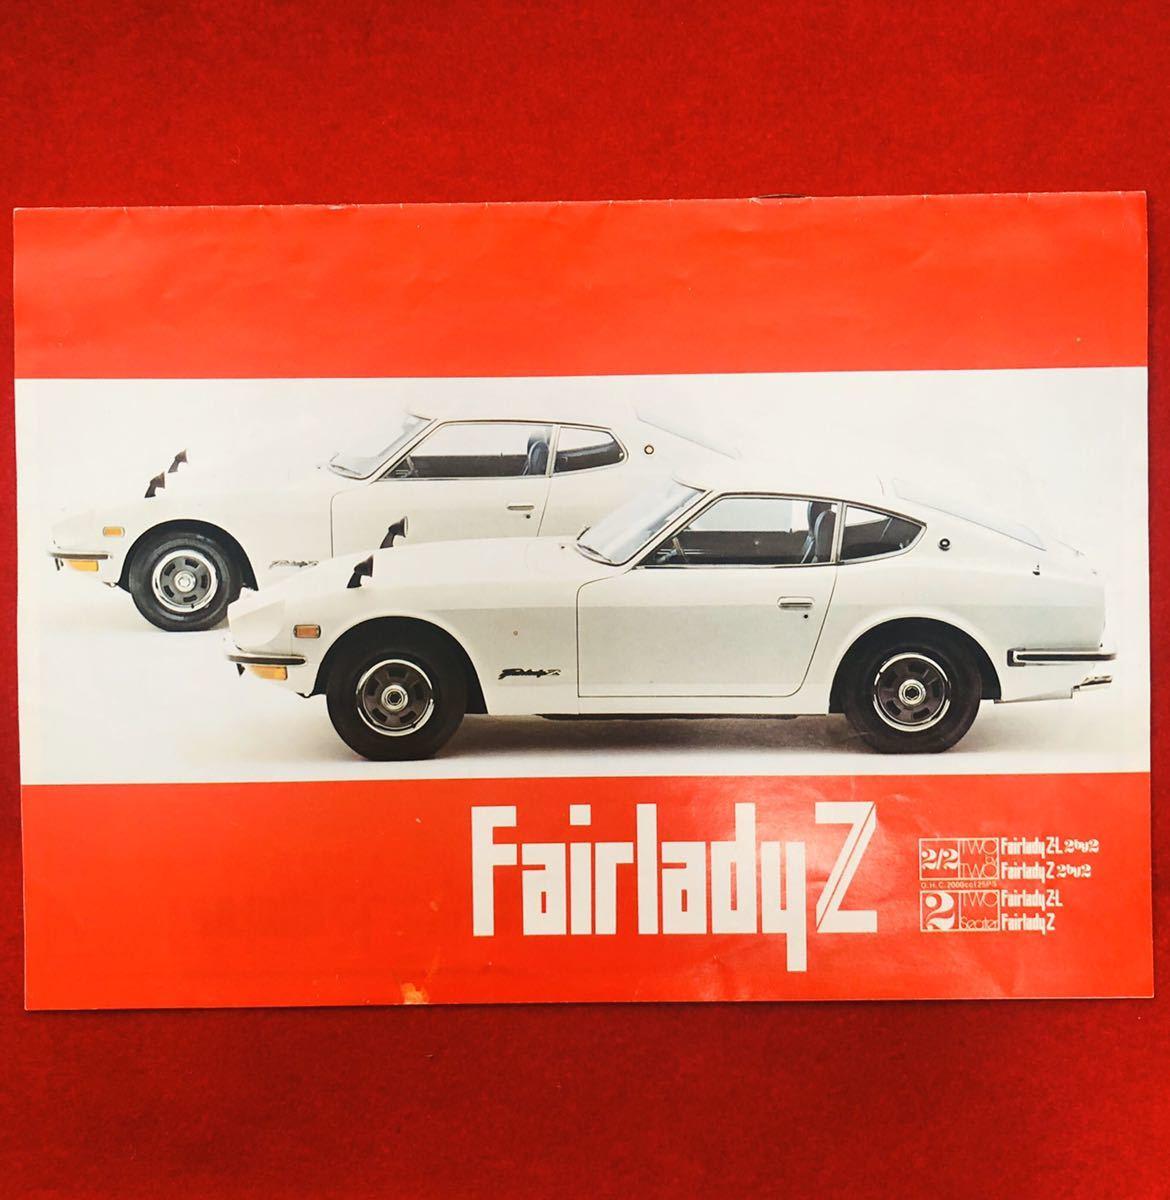 旧車 日産 フェアレディZ s30型 gs30 カタログ 希少 JDM 昭和 趣味の世界_画像1